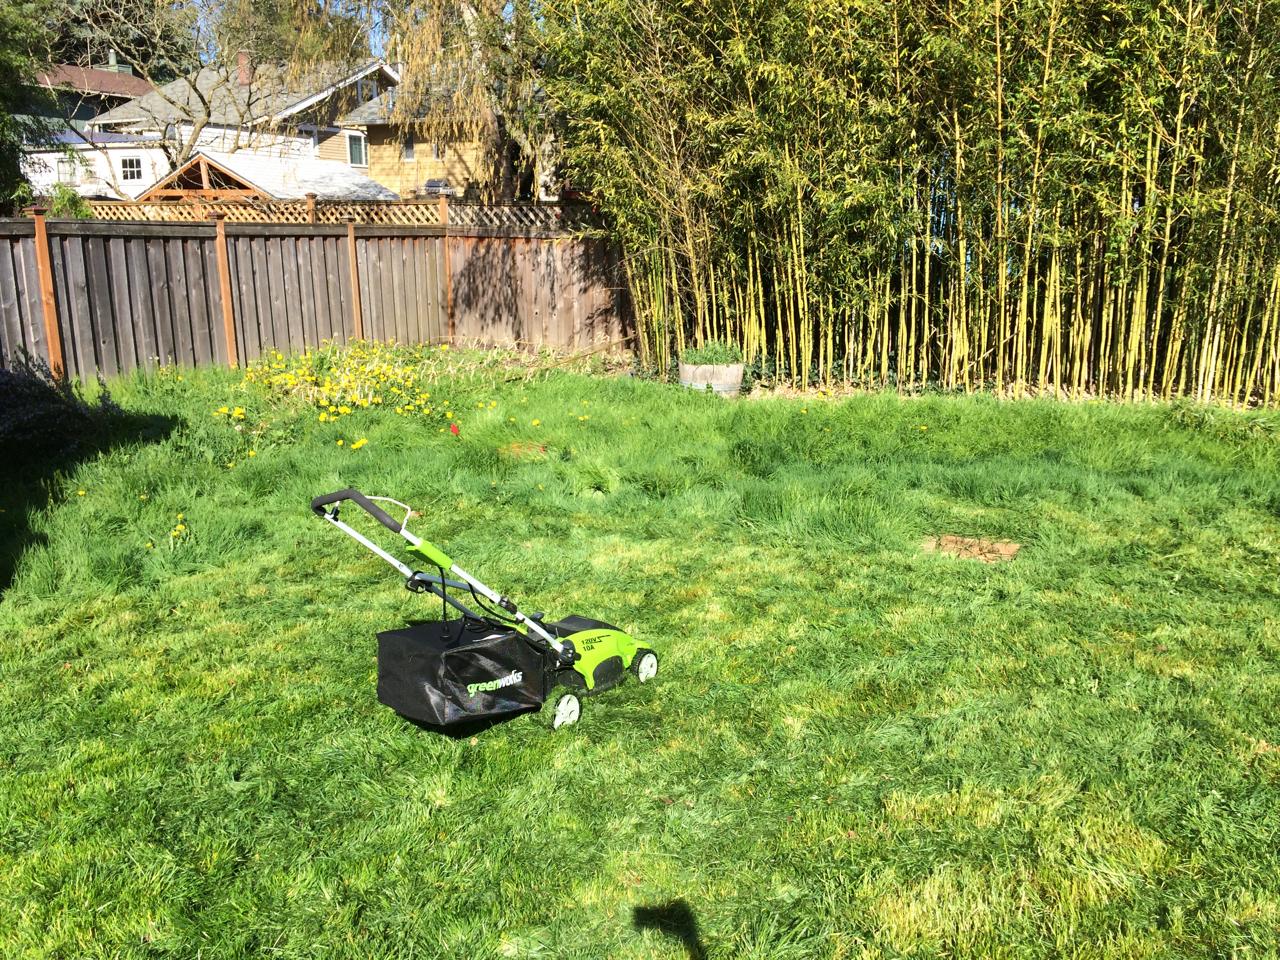 lawns jen mylo on hiatus